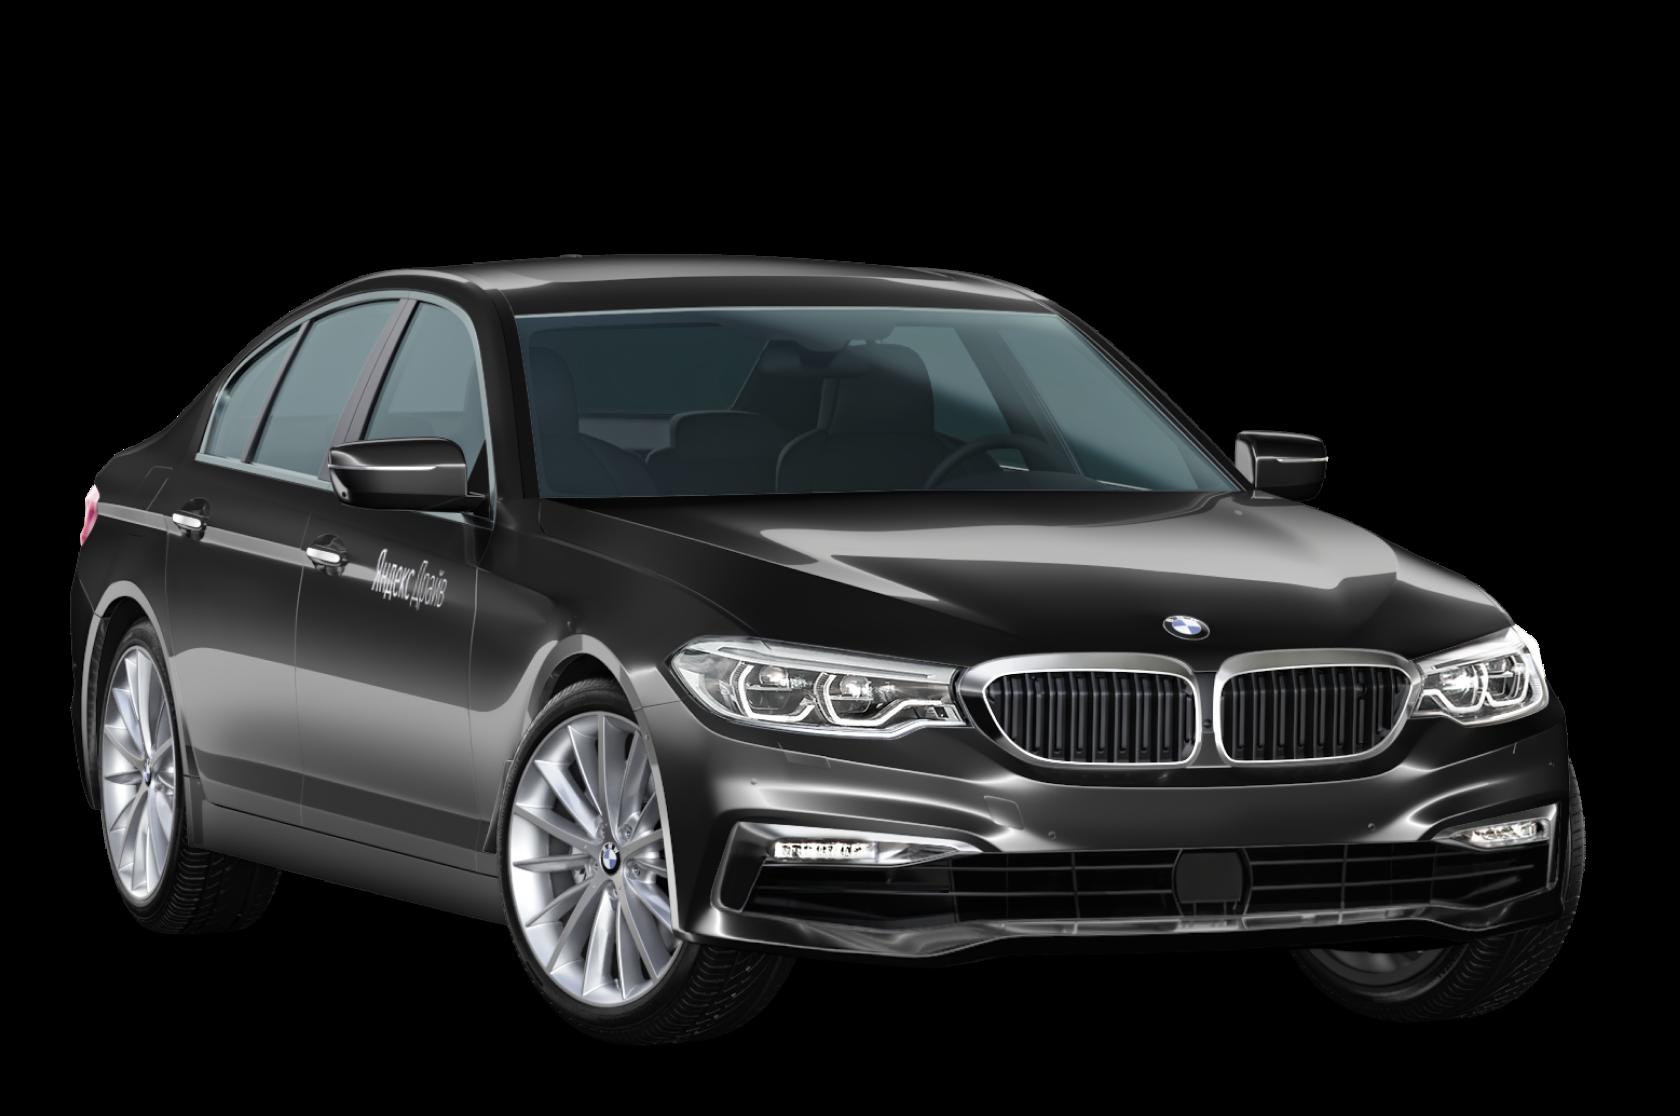 BMW<br>520i